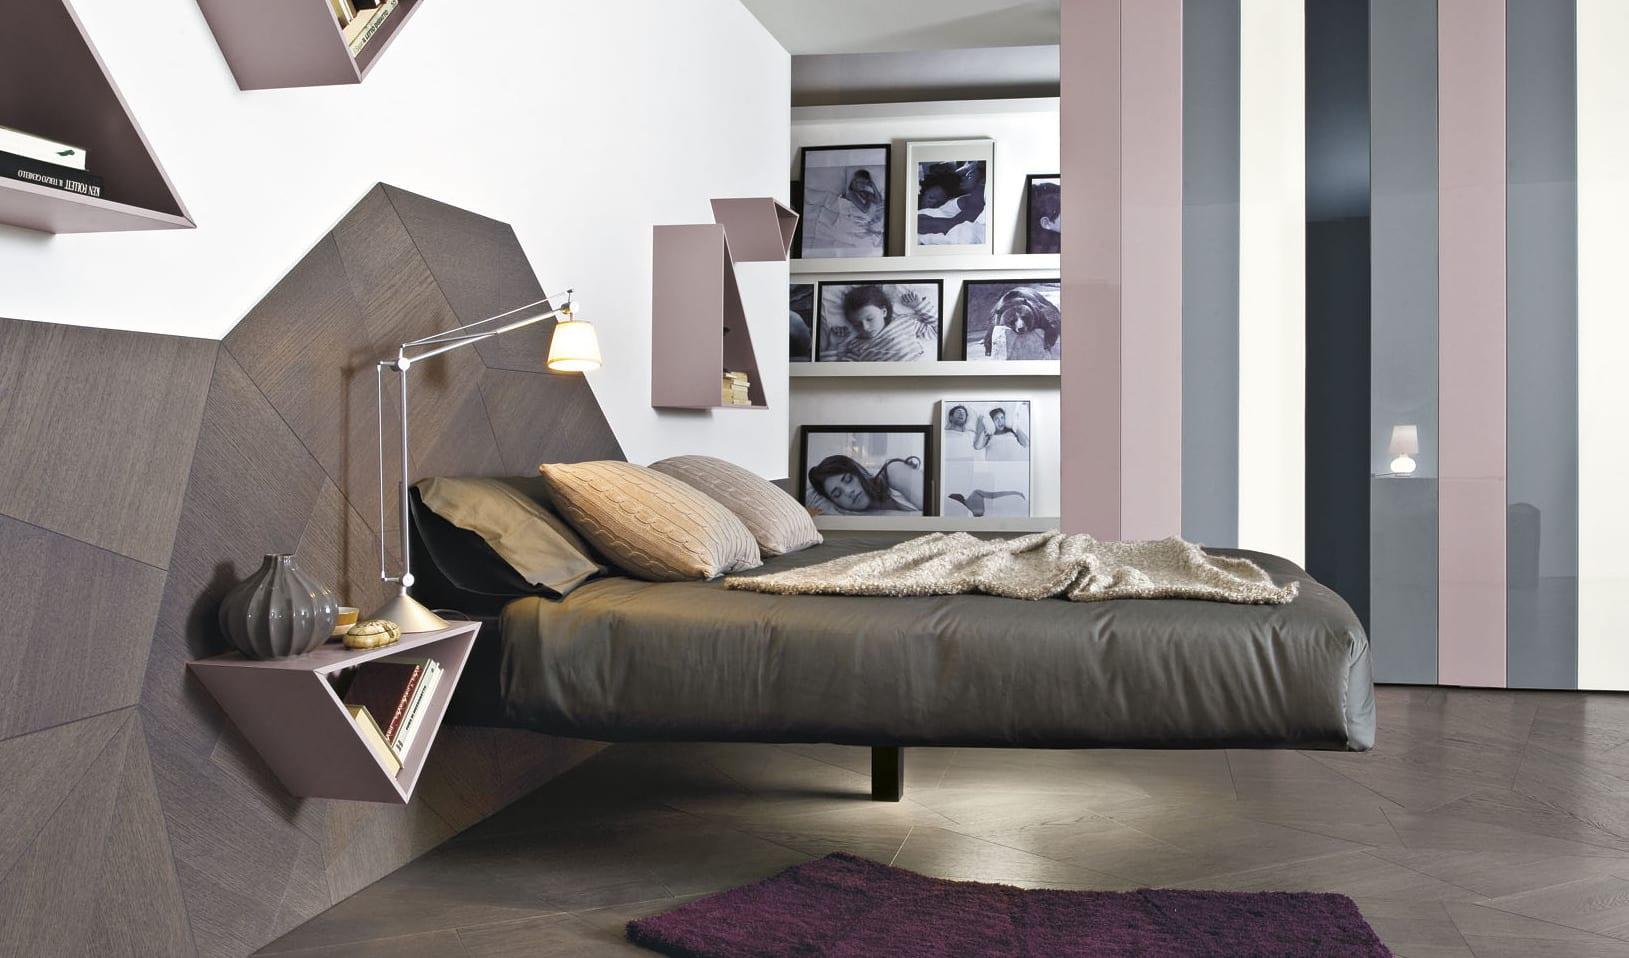 Einrichtungsideen für minimalistische Schlafzimmer - fresHouse